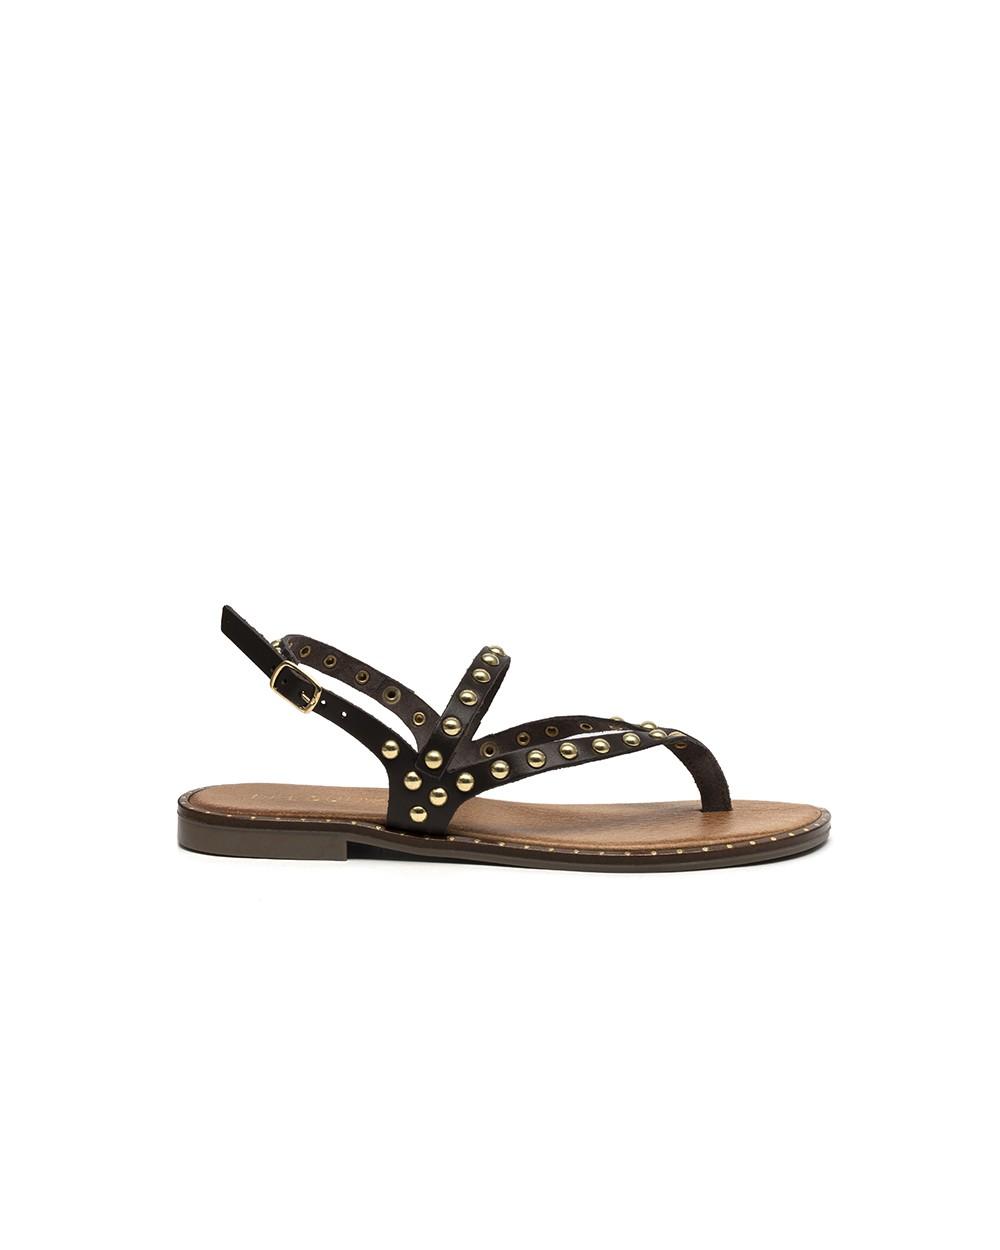 Sandalo Pelle con Rivetti Testa di Moro